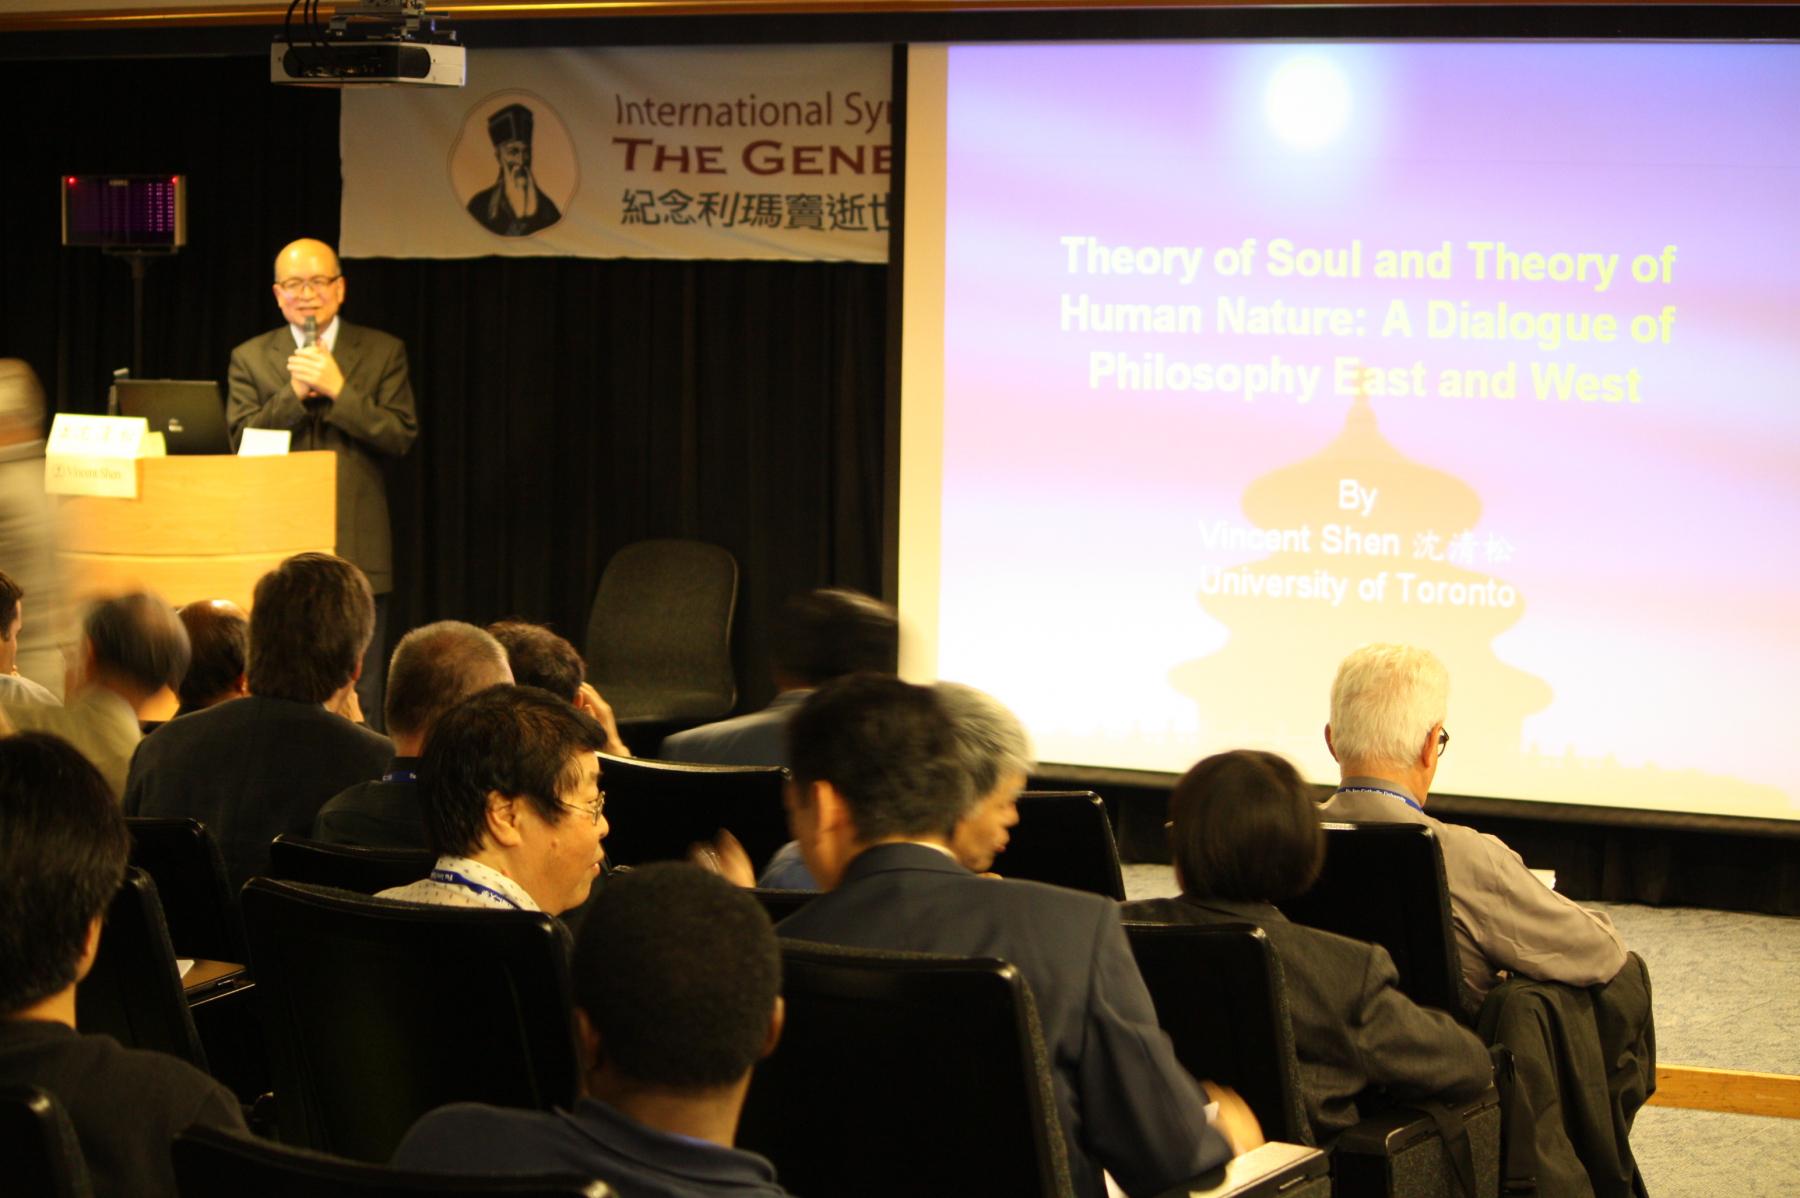 201004紀念利瑪竇逝世四百週年國際學術研討會-29